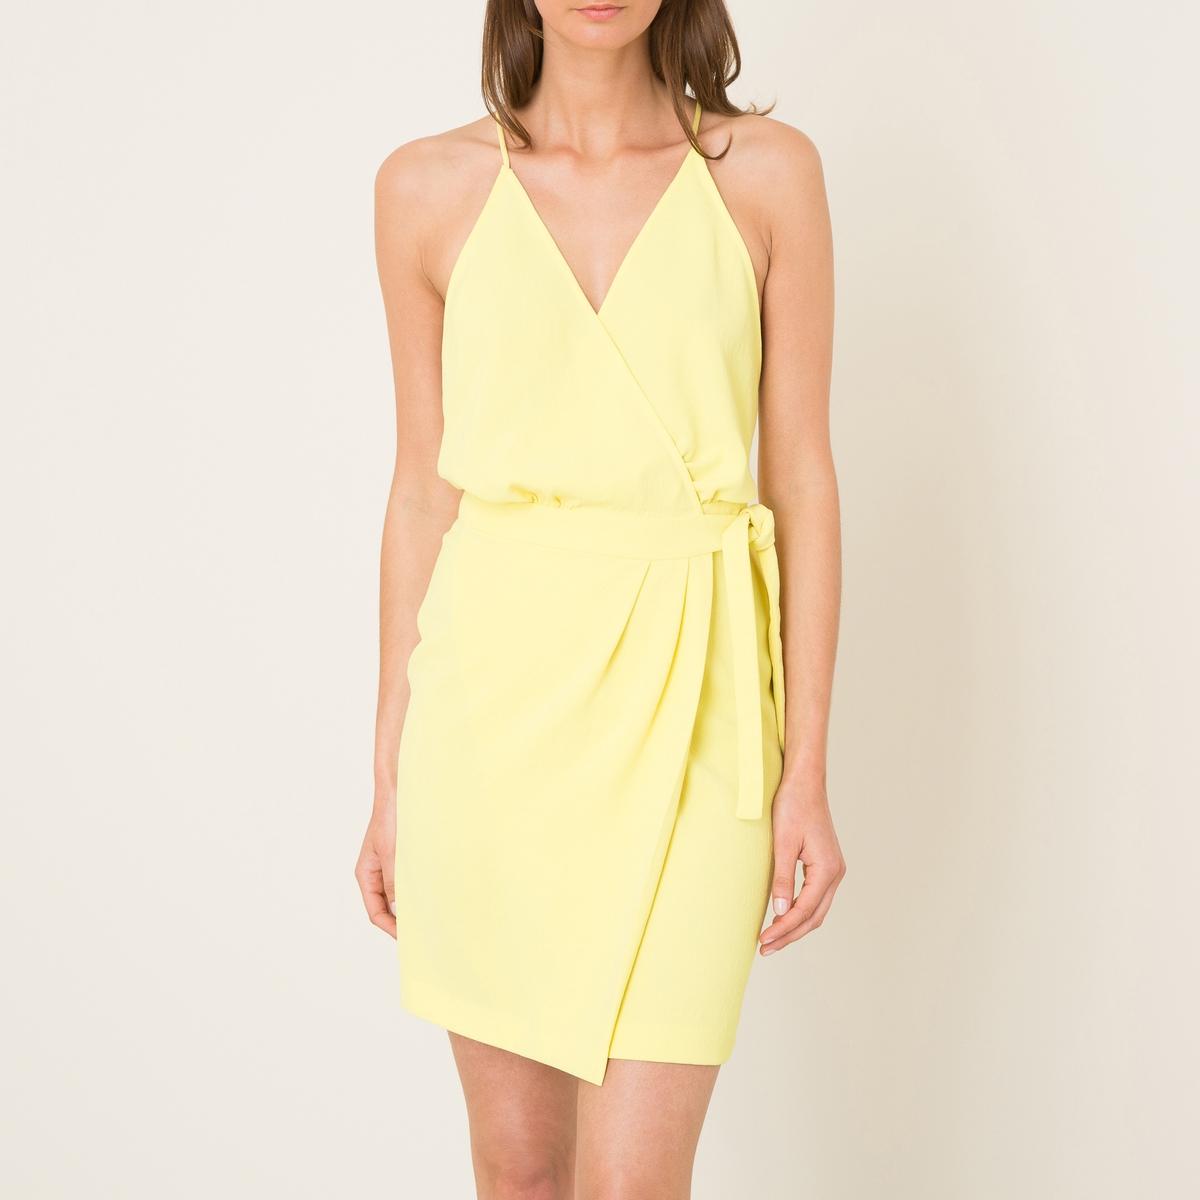 Платье JUSTINEПлатье короткое BA&amp;SH - модель JUSTINE из вуали. Покрой с нахлестом. V-образный вырез. Тонкие перекрещенные бретели . Завязки на поясе.Состав и описание    Материал : 100% полиэстер   Марка : BA&amp;SH<br><br>Цвет: желтый